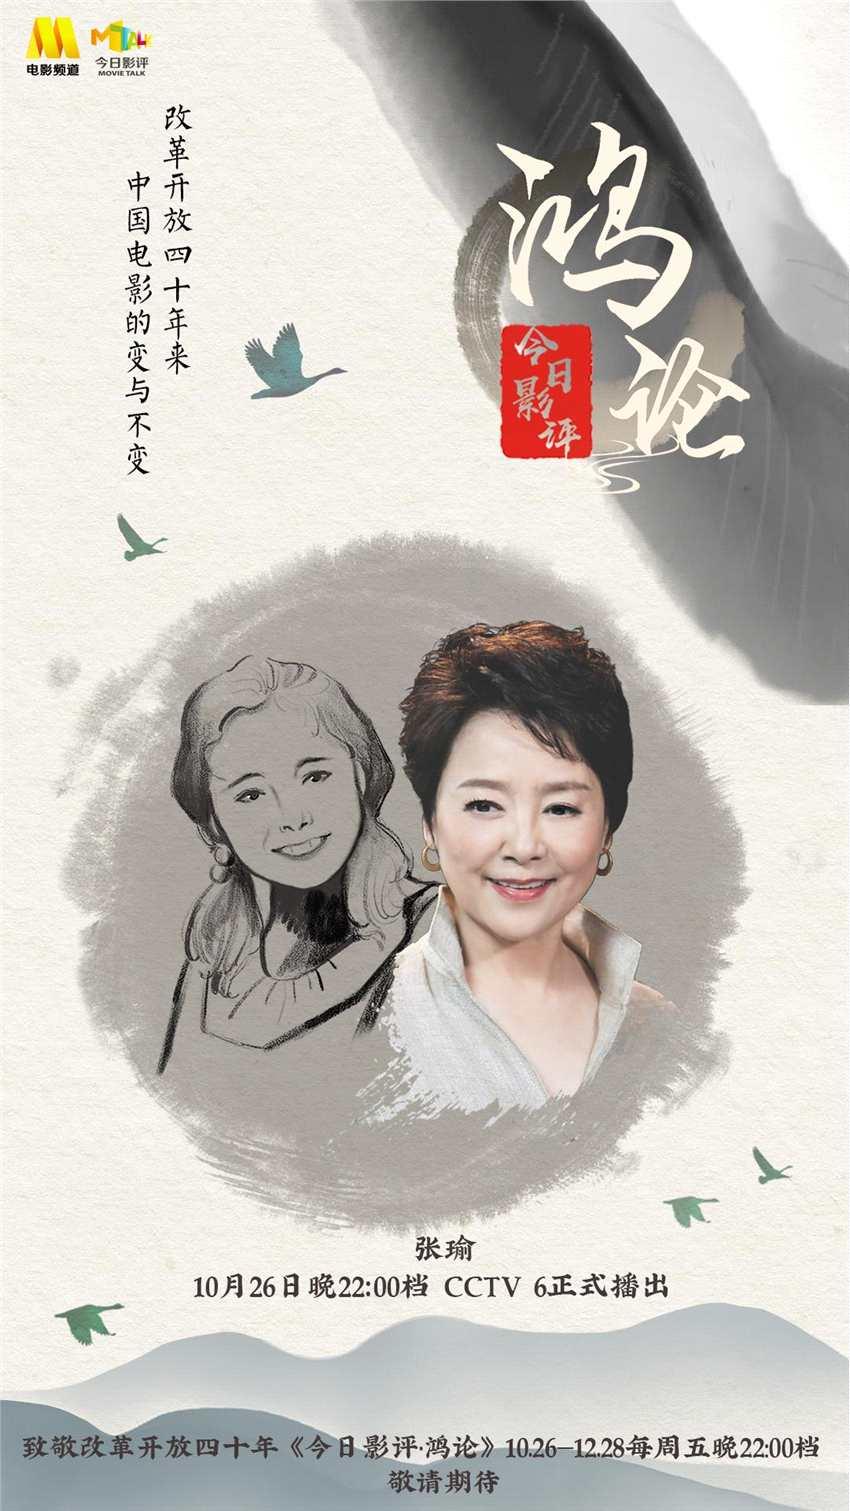 《今日影评·鸿论》尹鸿、张瑜回忆改革开放初期电影